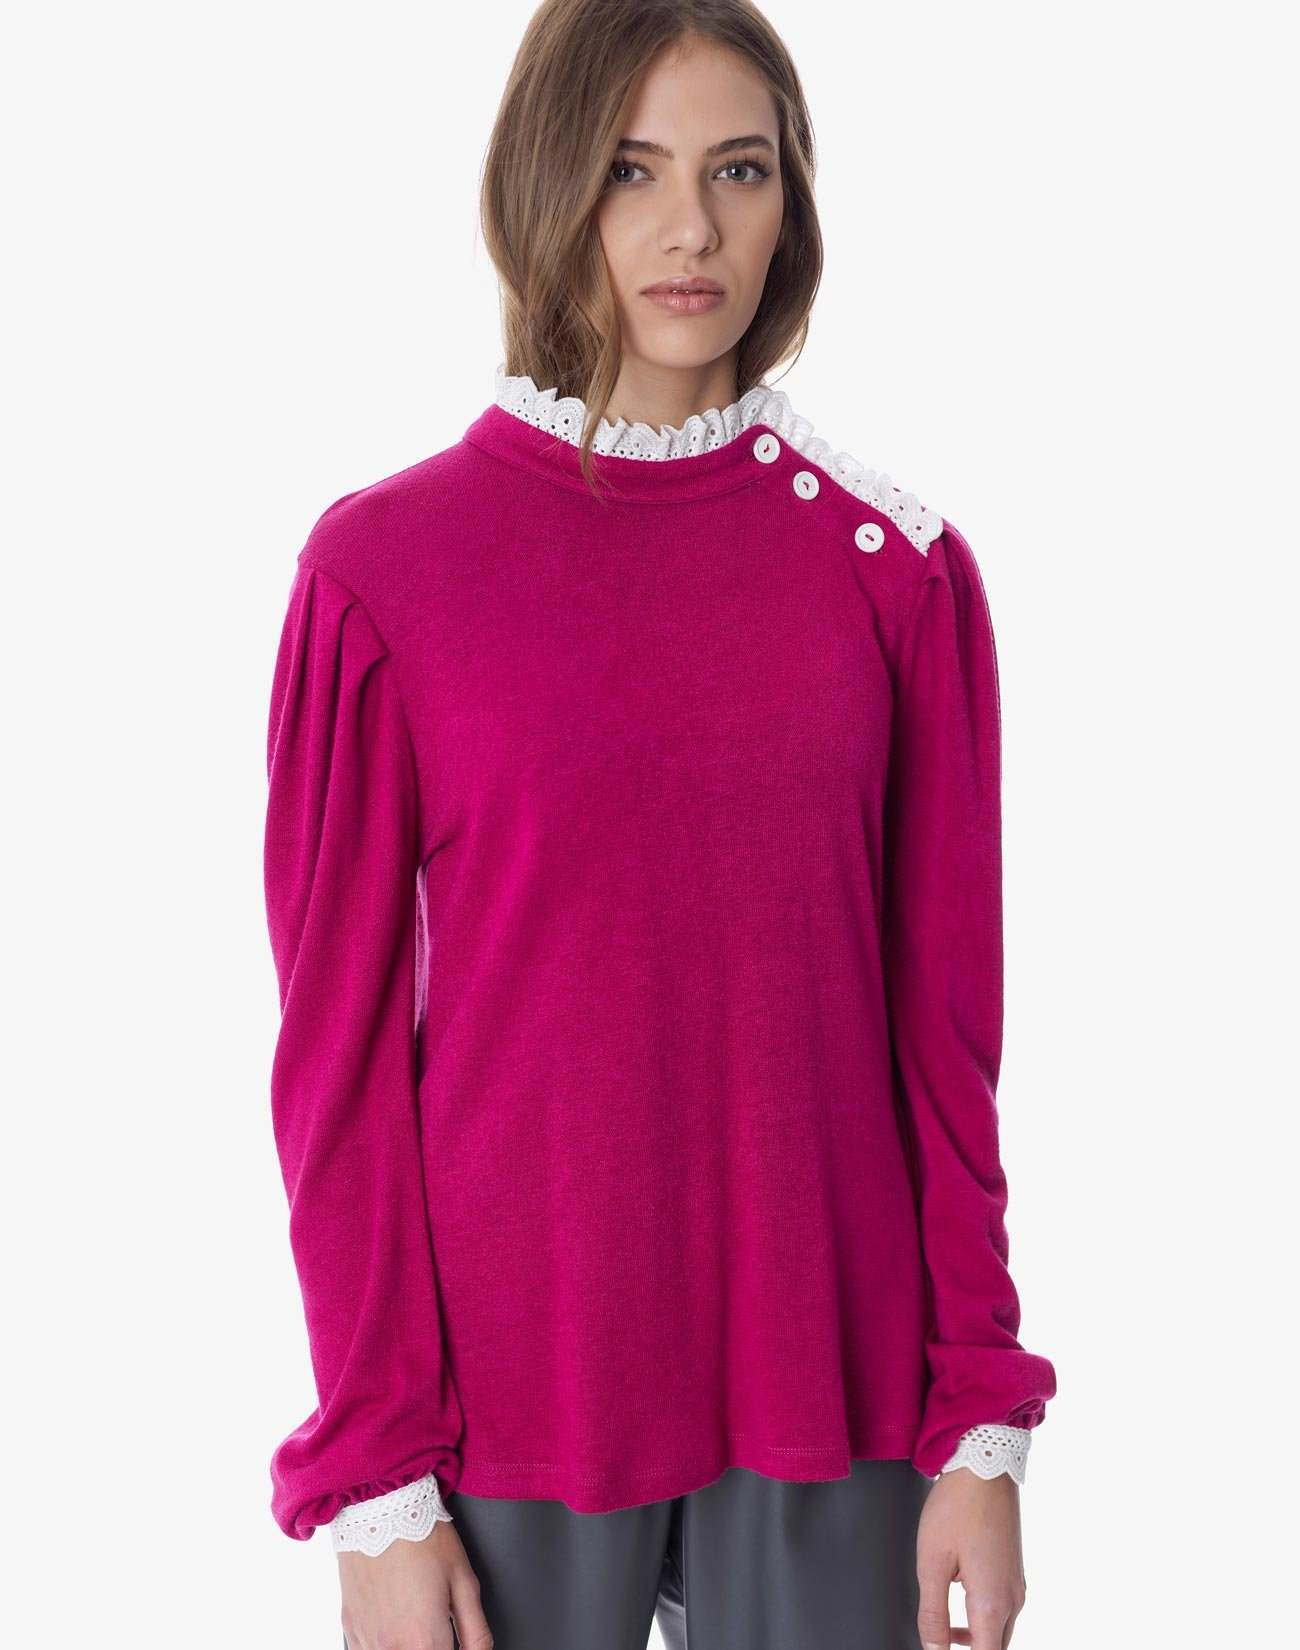 Μπλούζα με κουμπιά και ασπροκέντημα